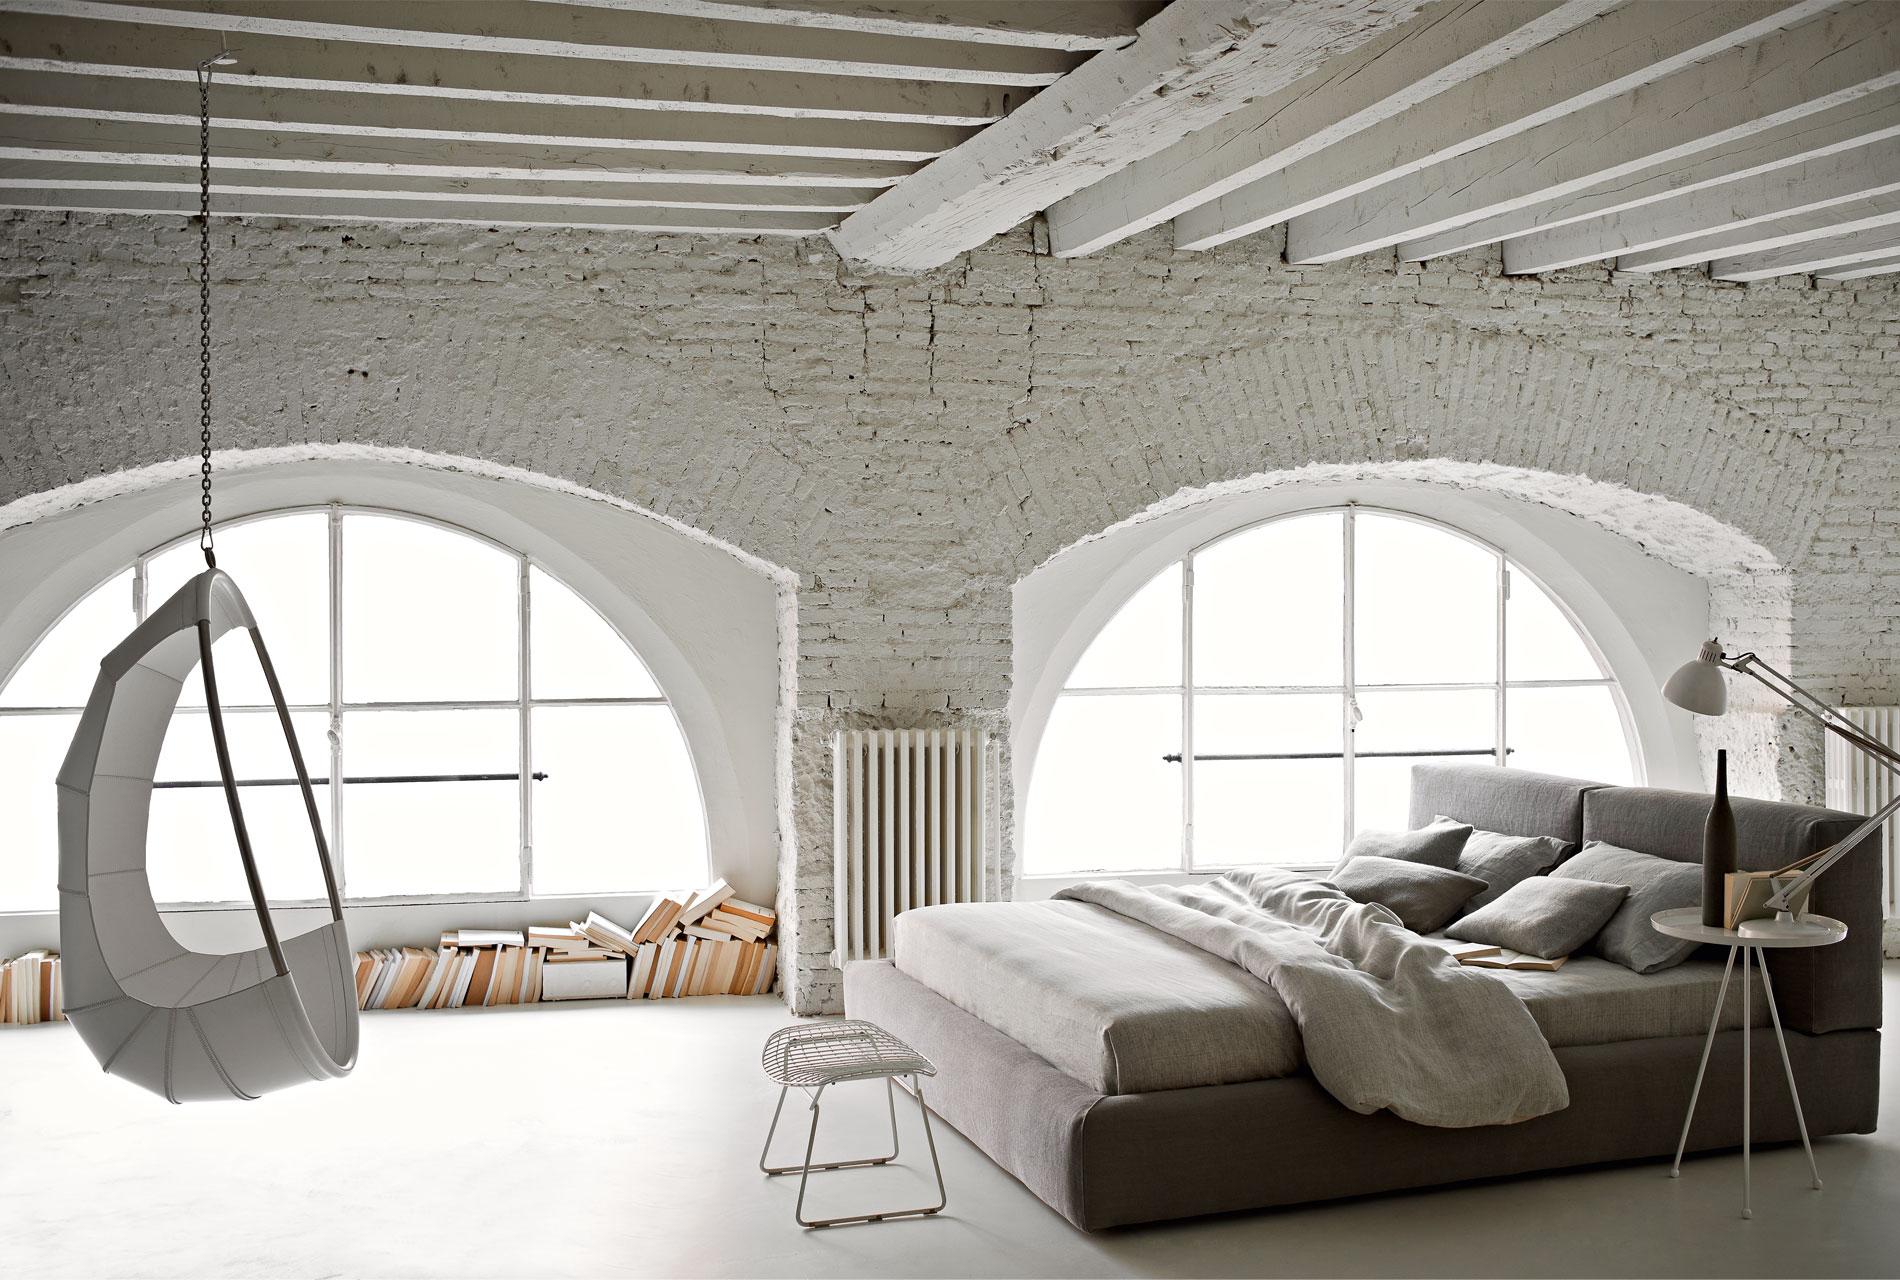 Каменные стены и арочные окна - необычное оформление спальни